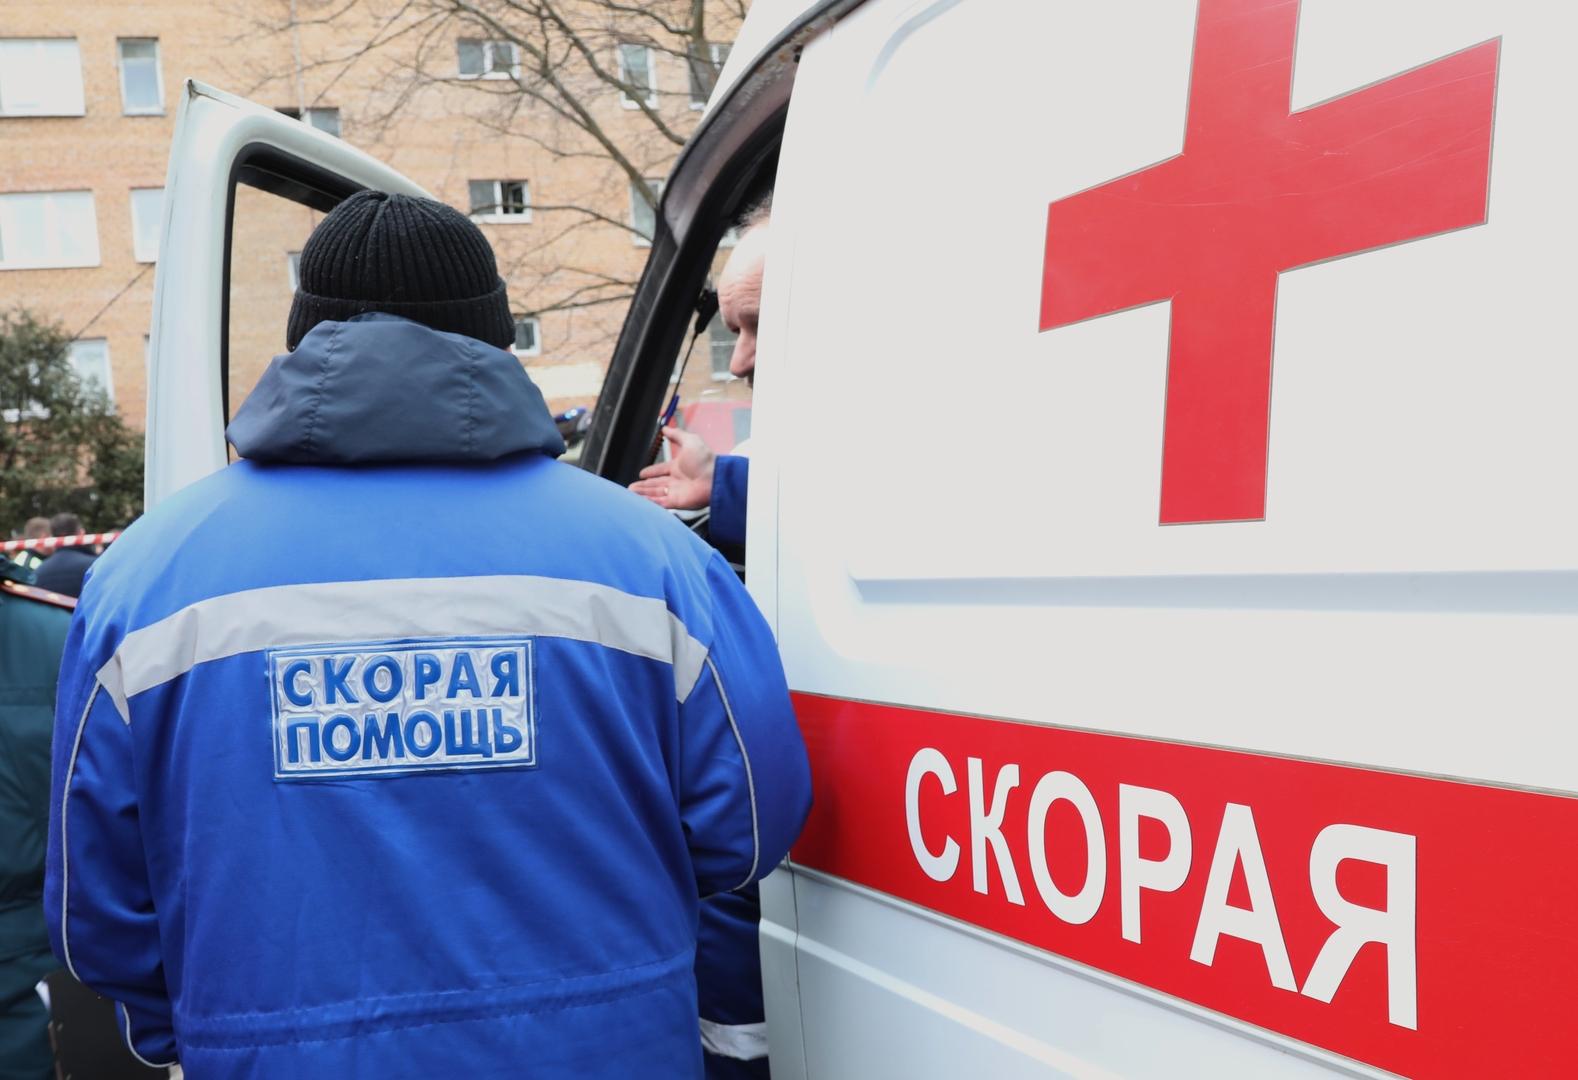 تسمم 5 أطفال بأول أكسيد الكربون جنوب روسيا